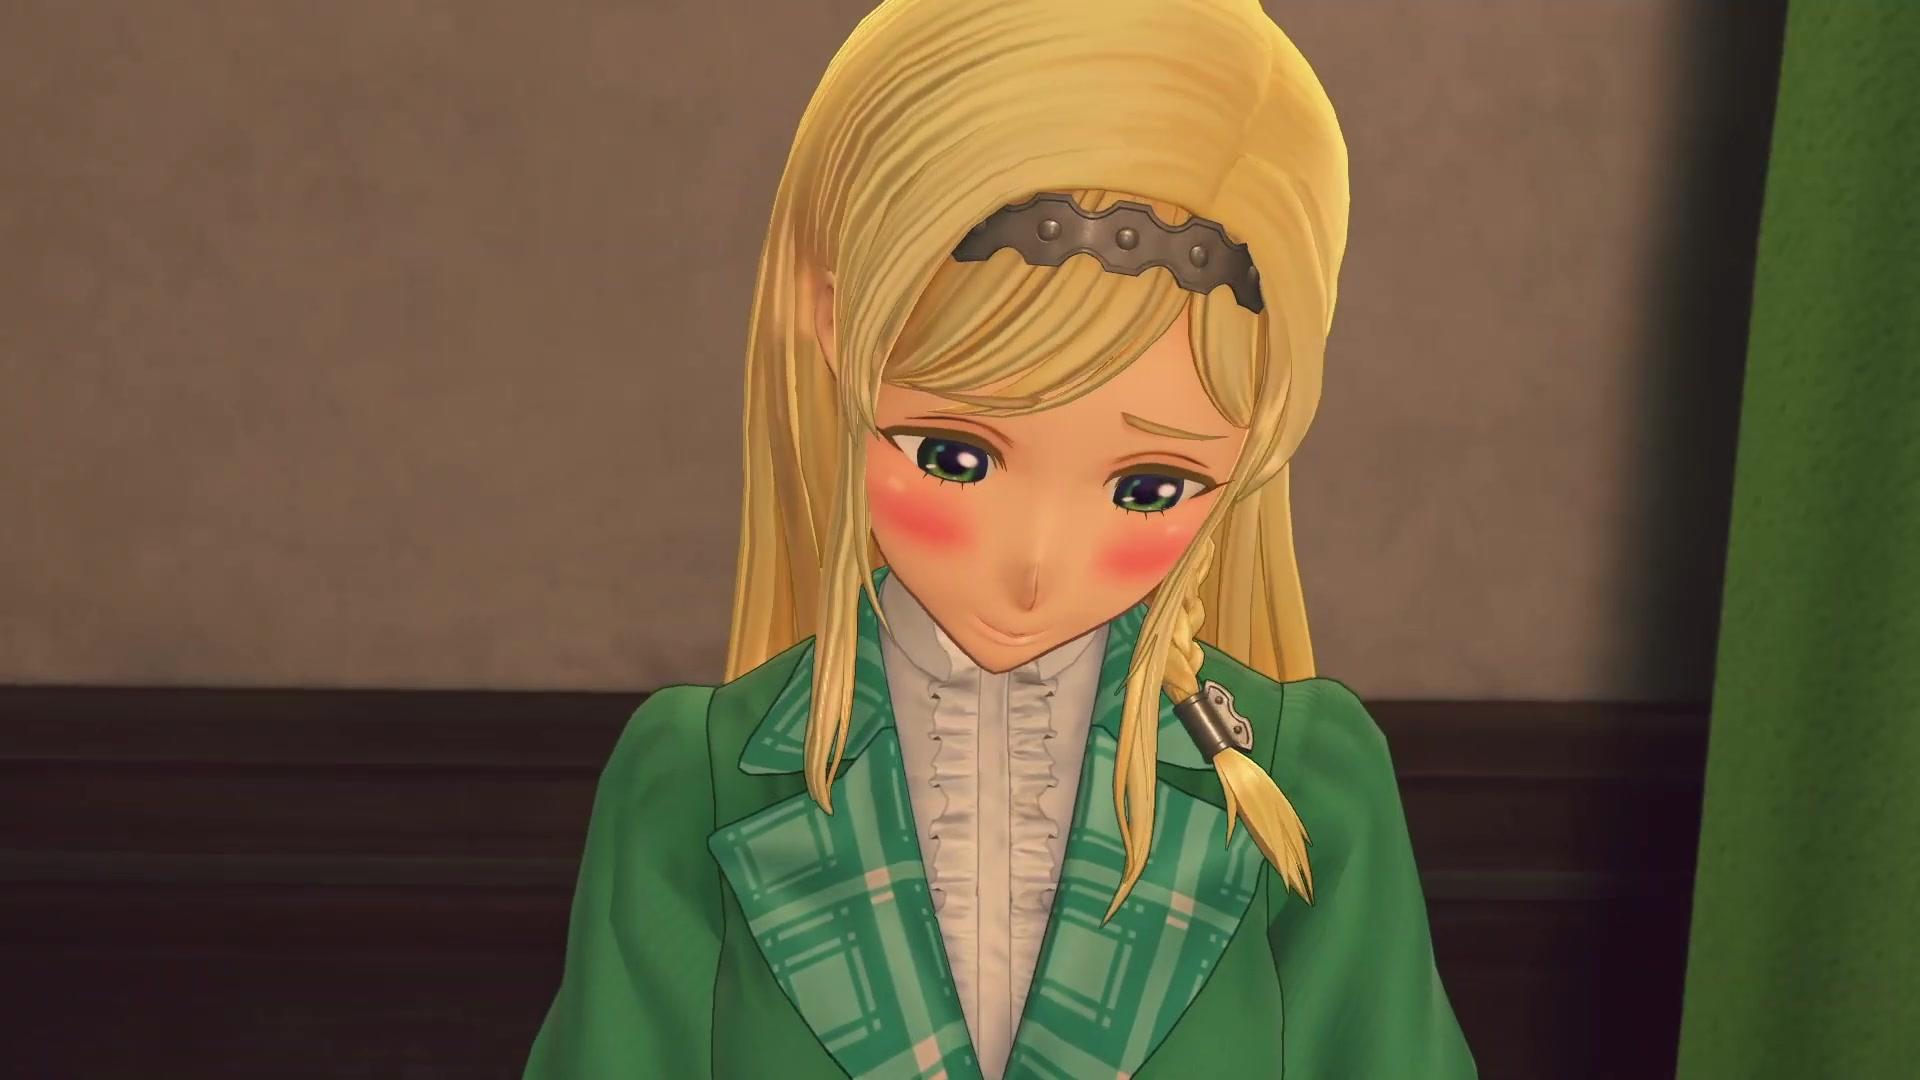 《新樱花大战》文学少女克拉丽丝角色歌视频公布